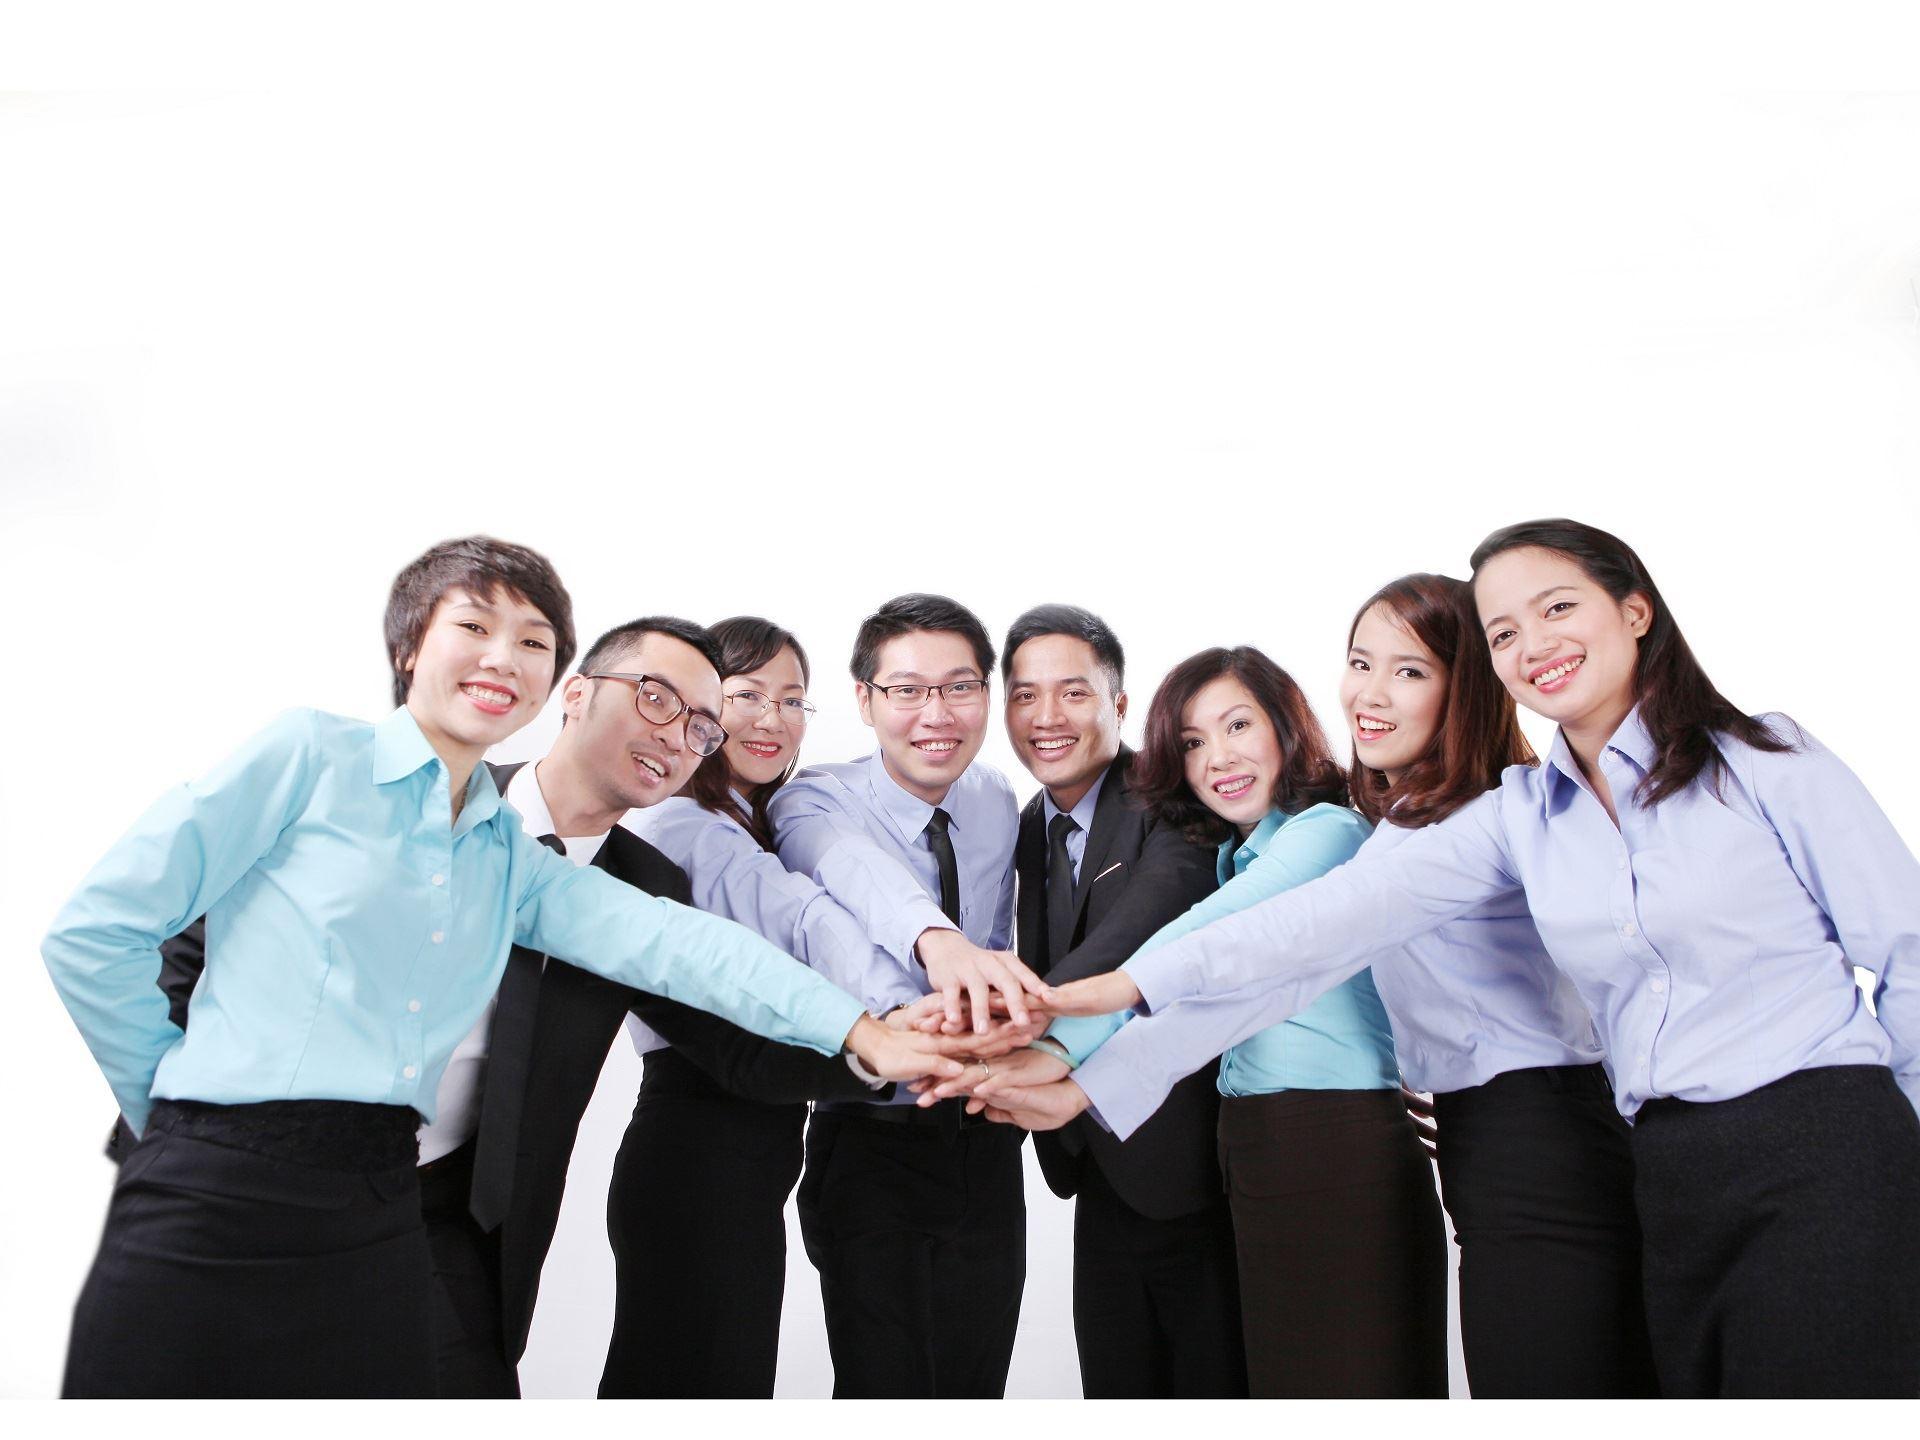 Dịch vụ nhập dữ liệu thuê ngoài online là gì?